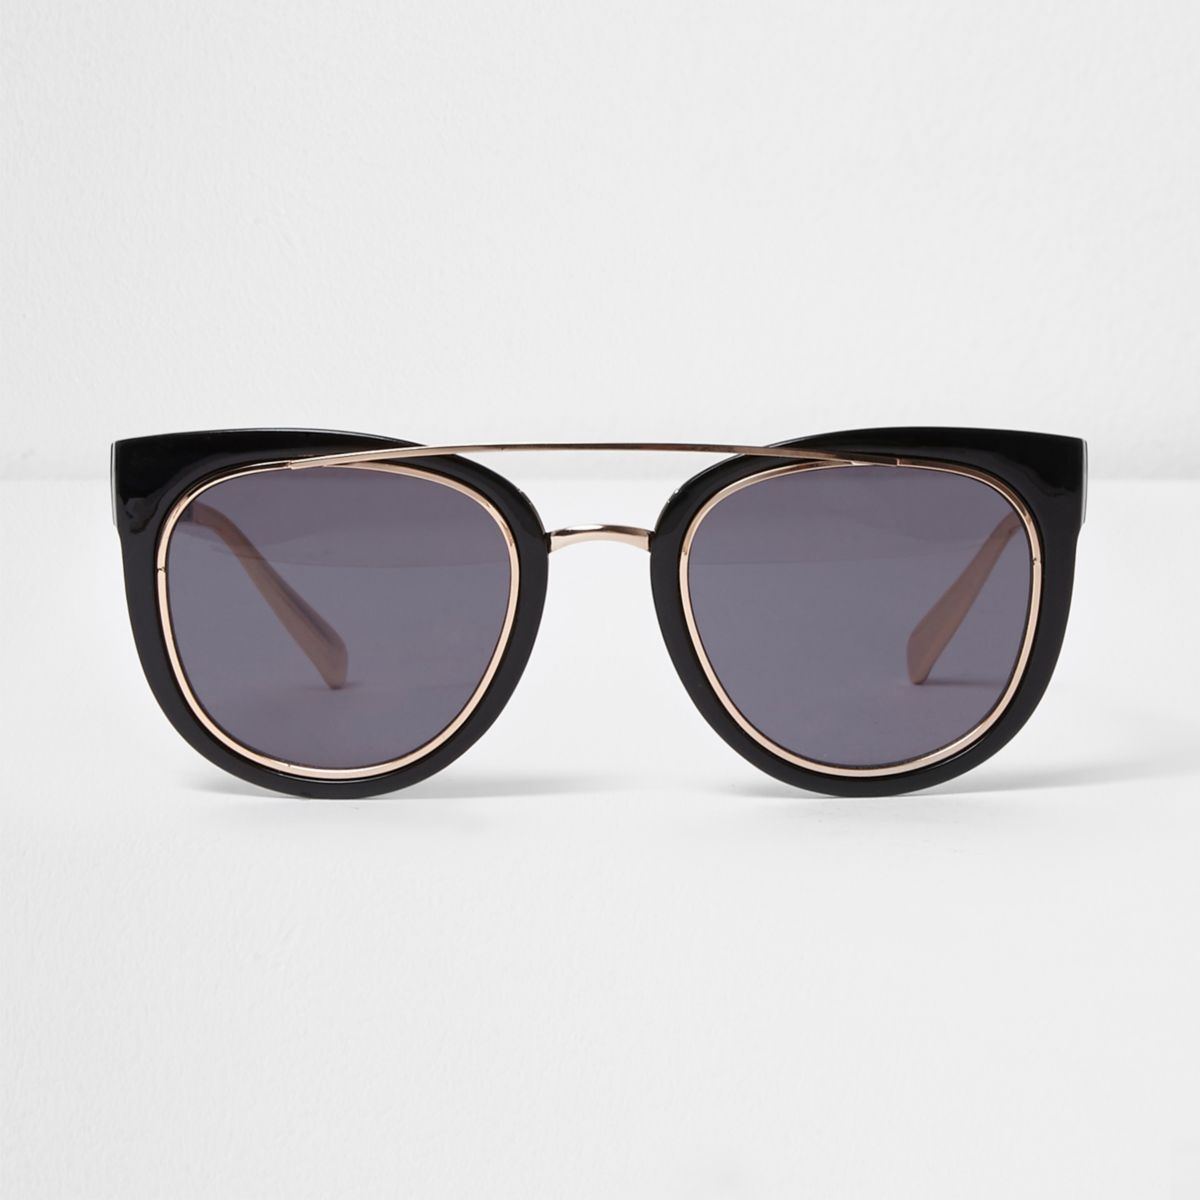 Zwarte zonnebril met neusbrug en getinte glazen